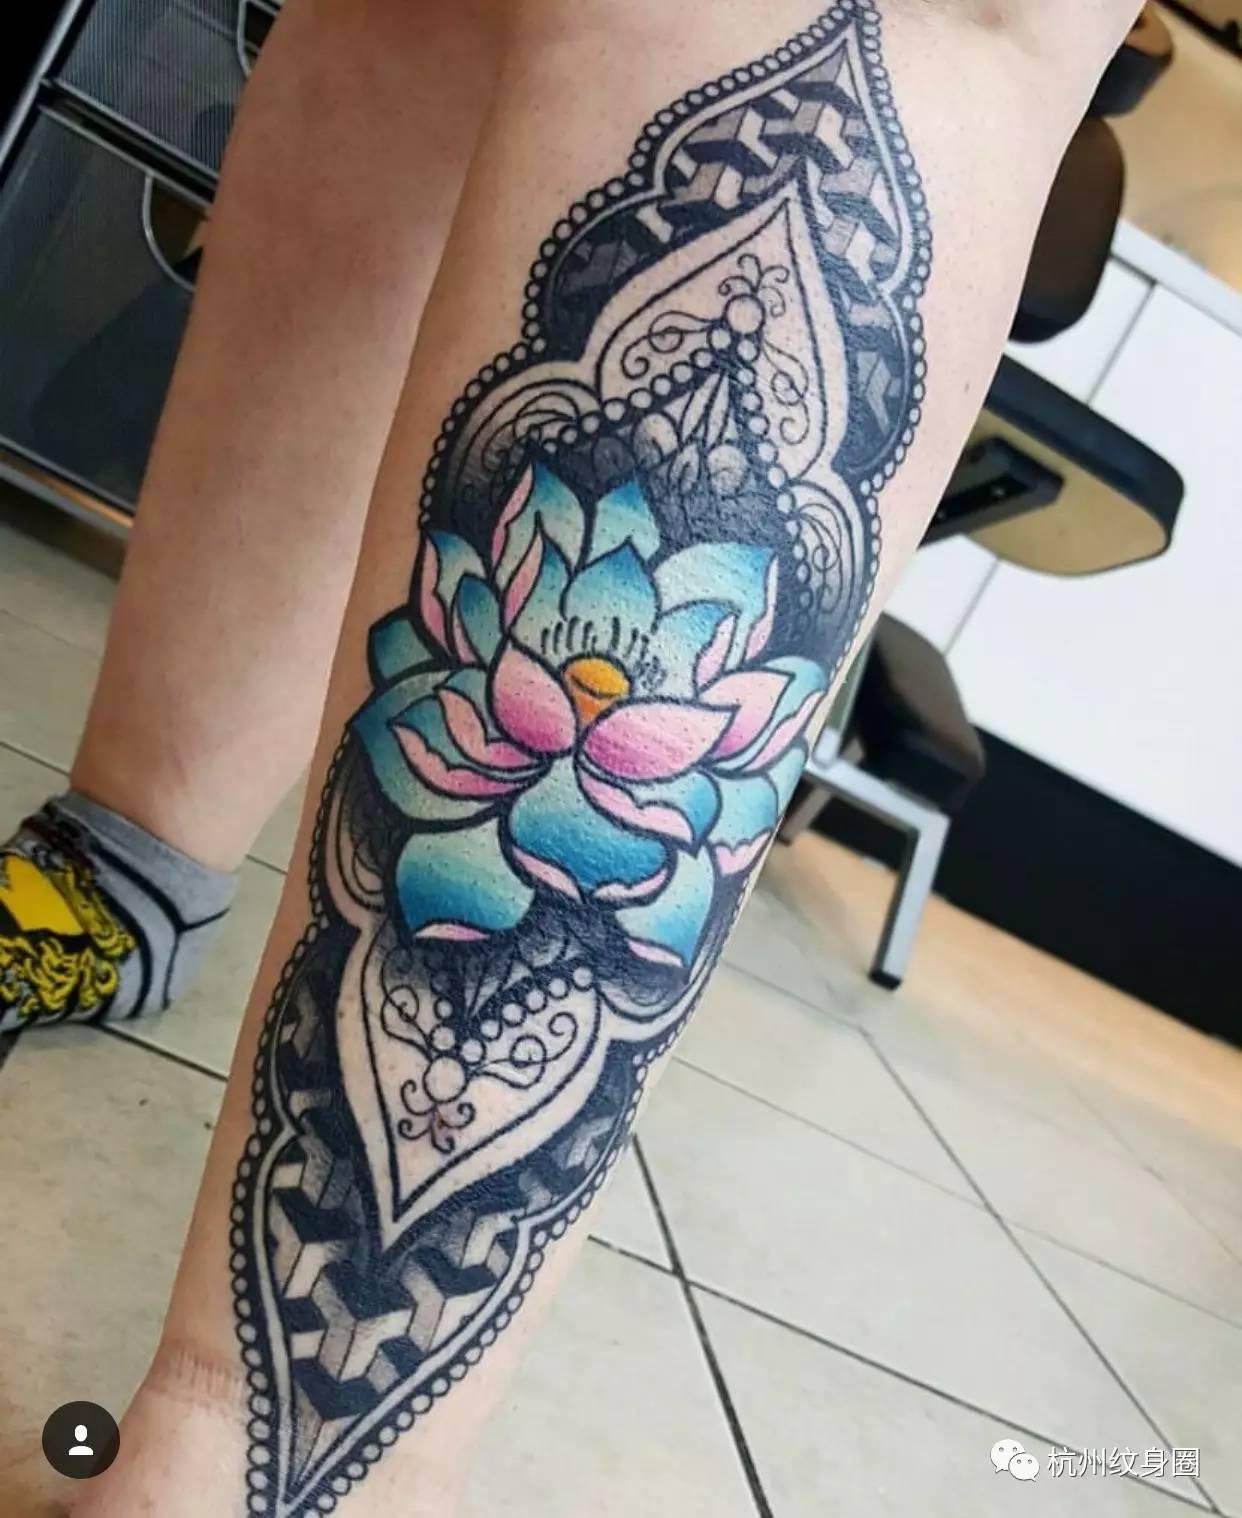 tattoo | 纹身素材:莲花